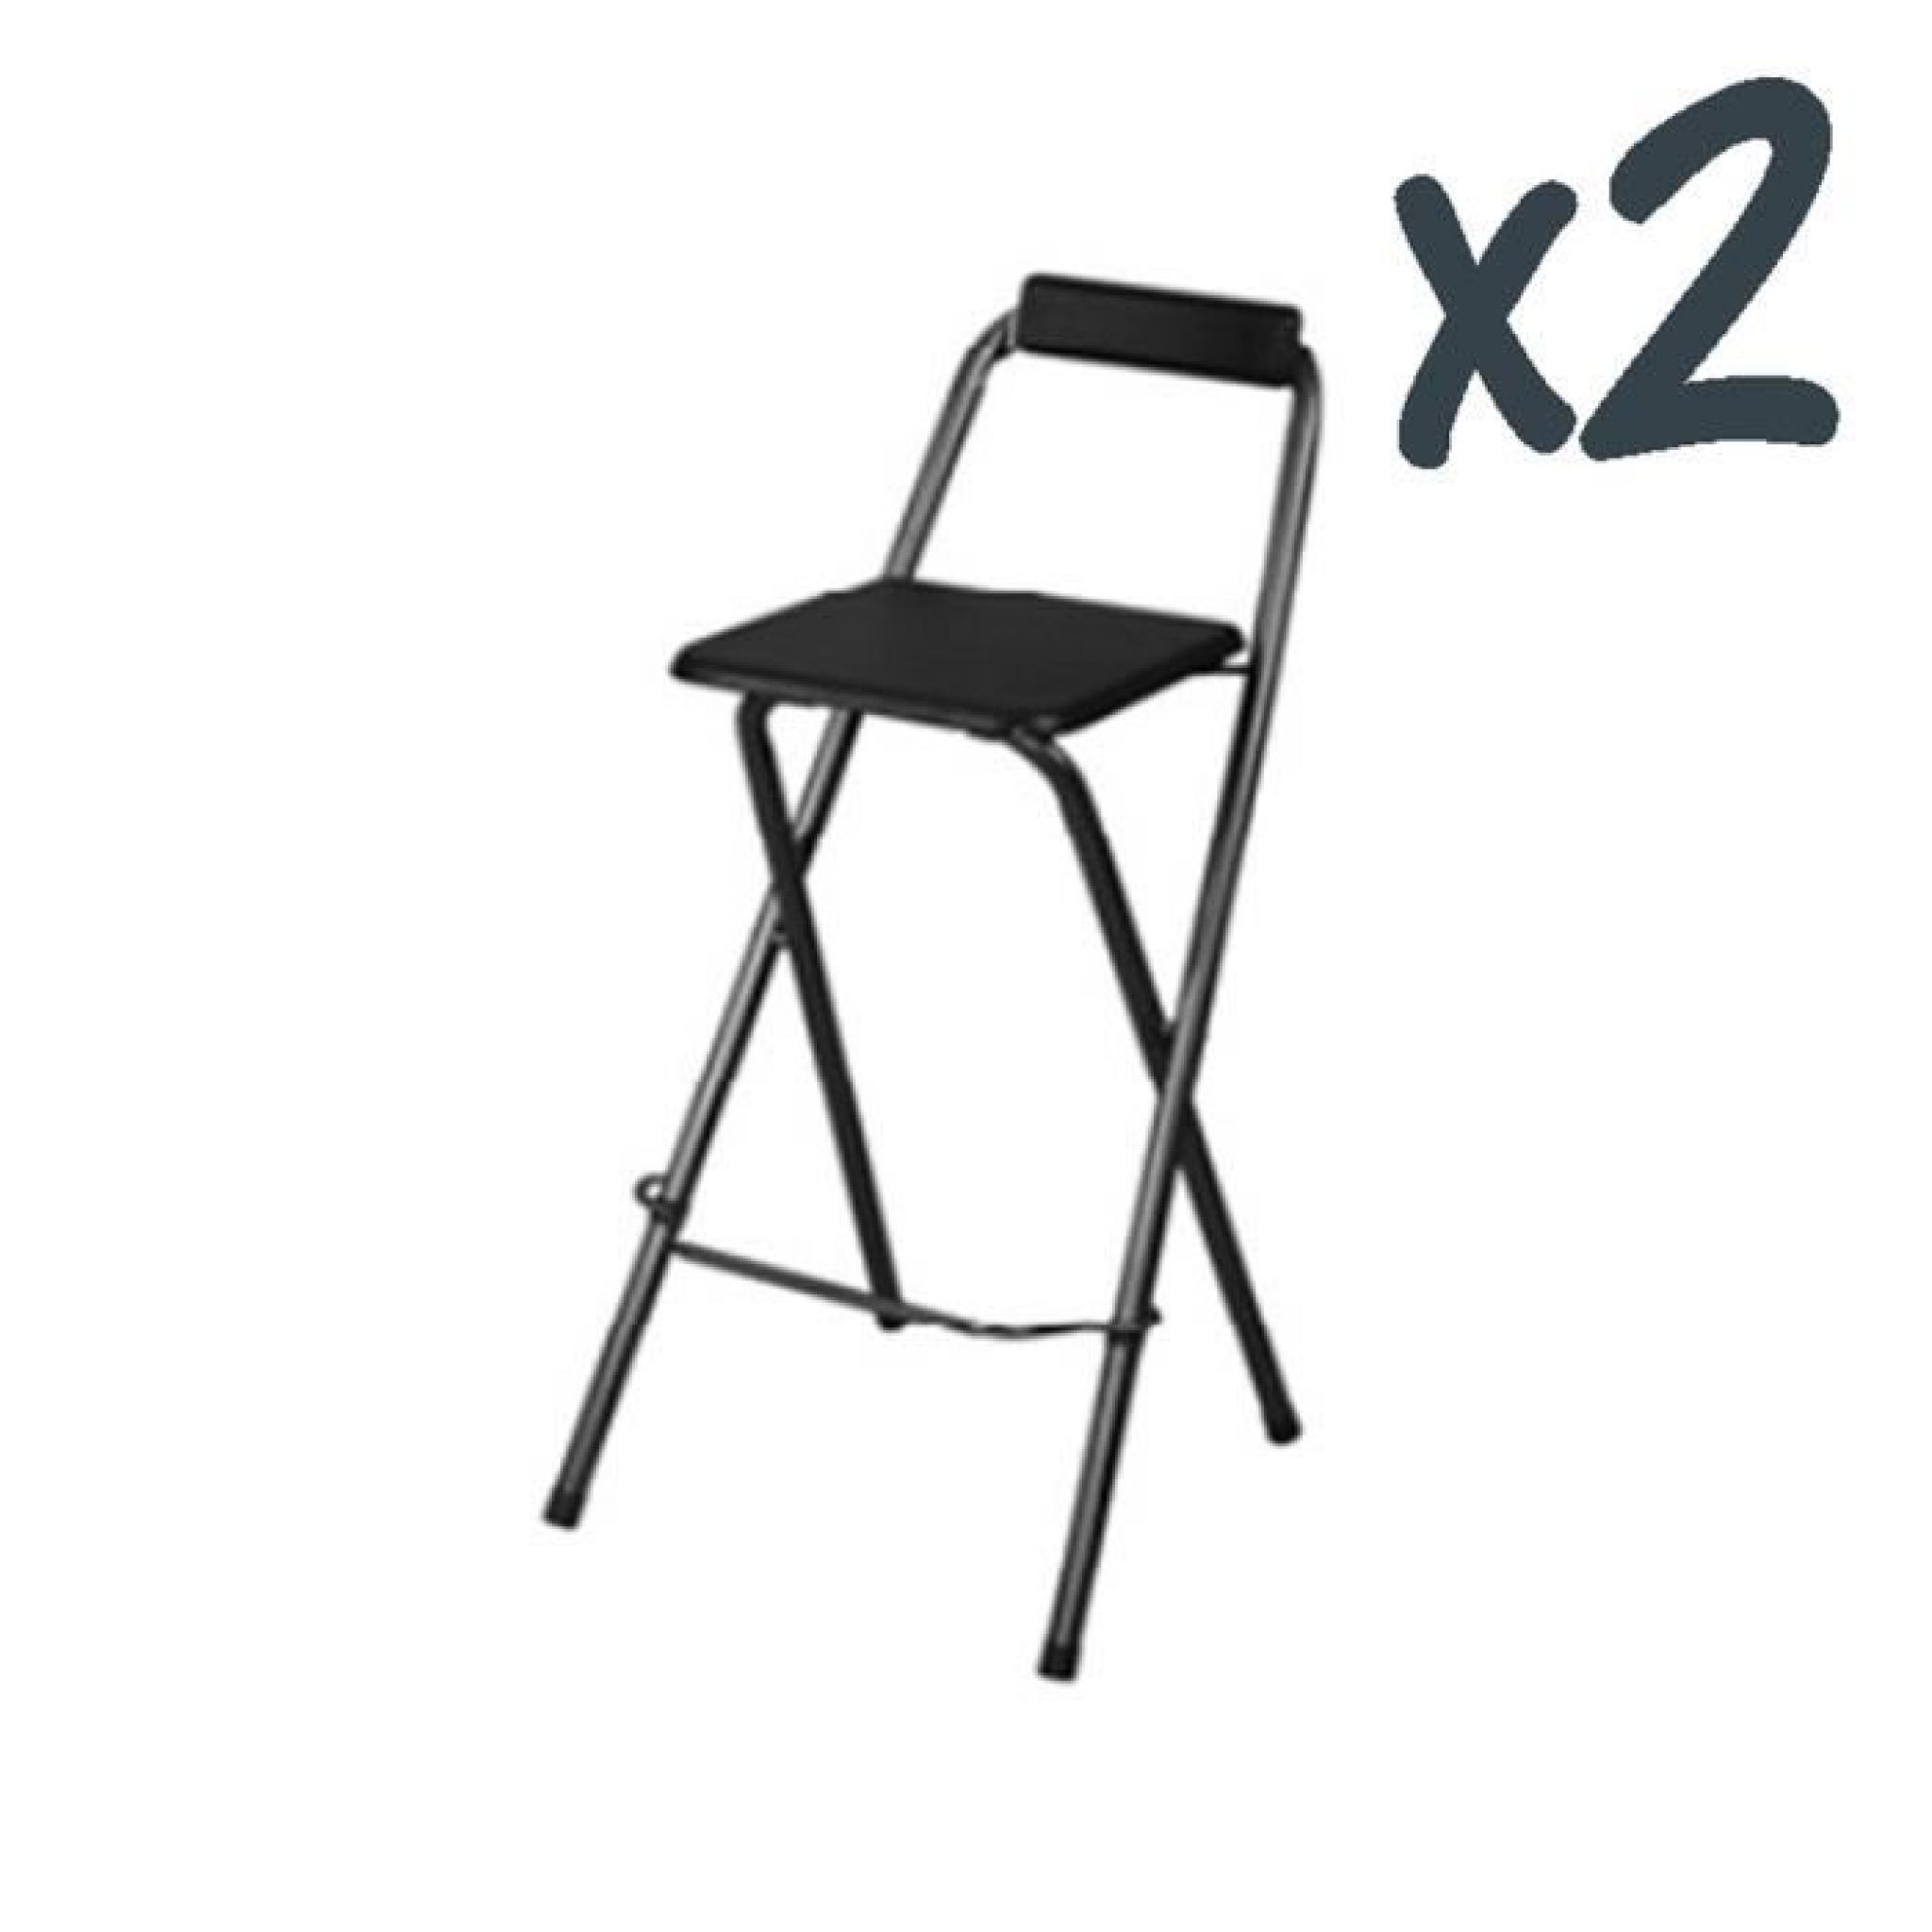 lot de 2 chaises de bar louna noir structure en m tal assise en panneaux de fibres de bois. Black Bedroom Furniture Sets. Home Design Ideas